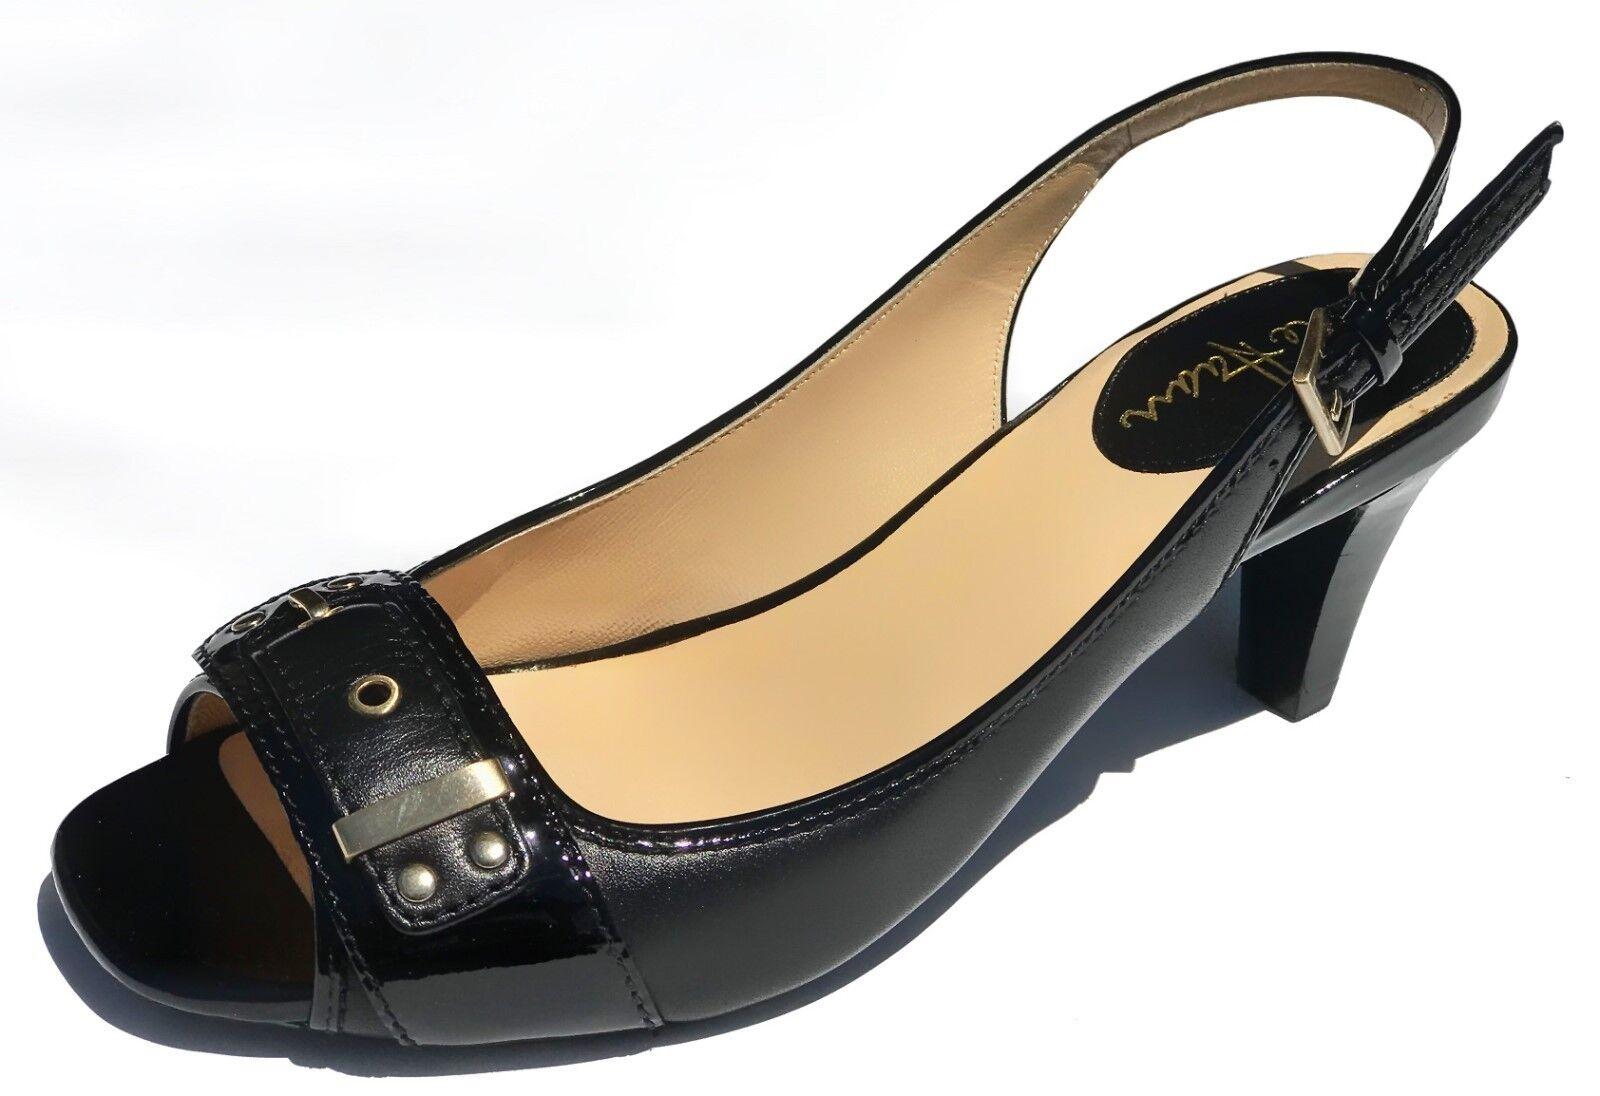 benvenuto per ordinare  180 180 180 Cole Haan Donna  Air Ivette Open Toe Slingback Heel scarpe 6 NEW IN BOX  molte sorprese